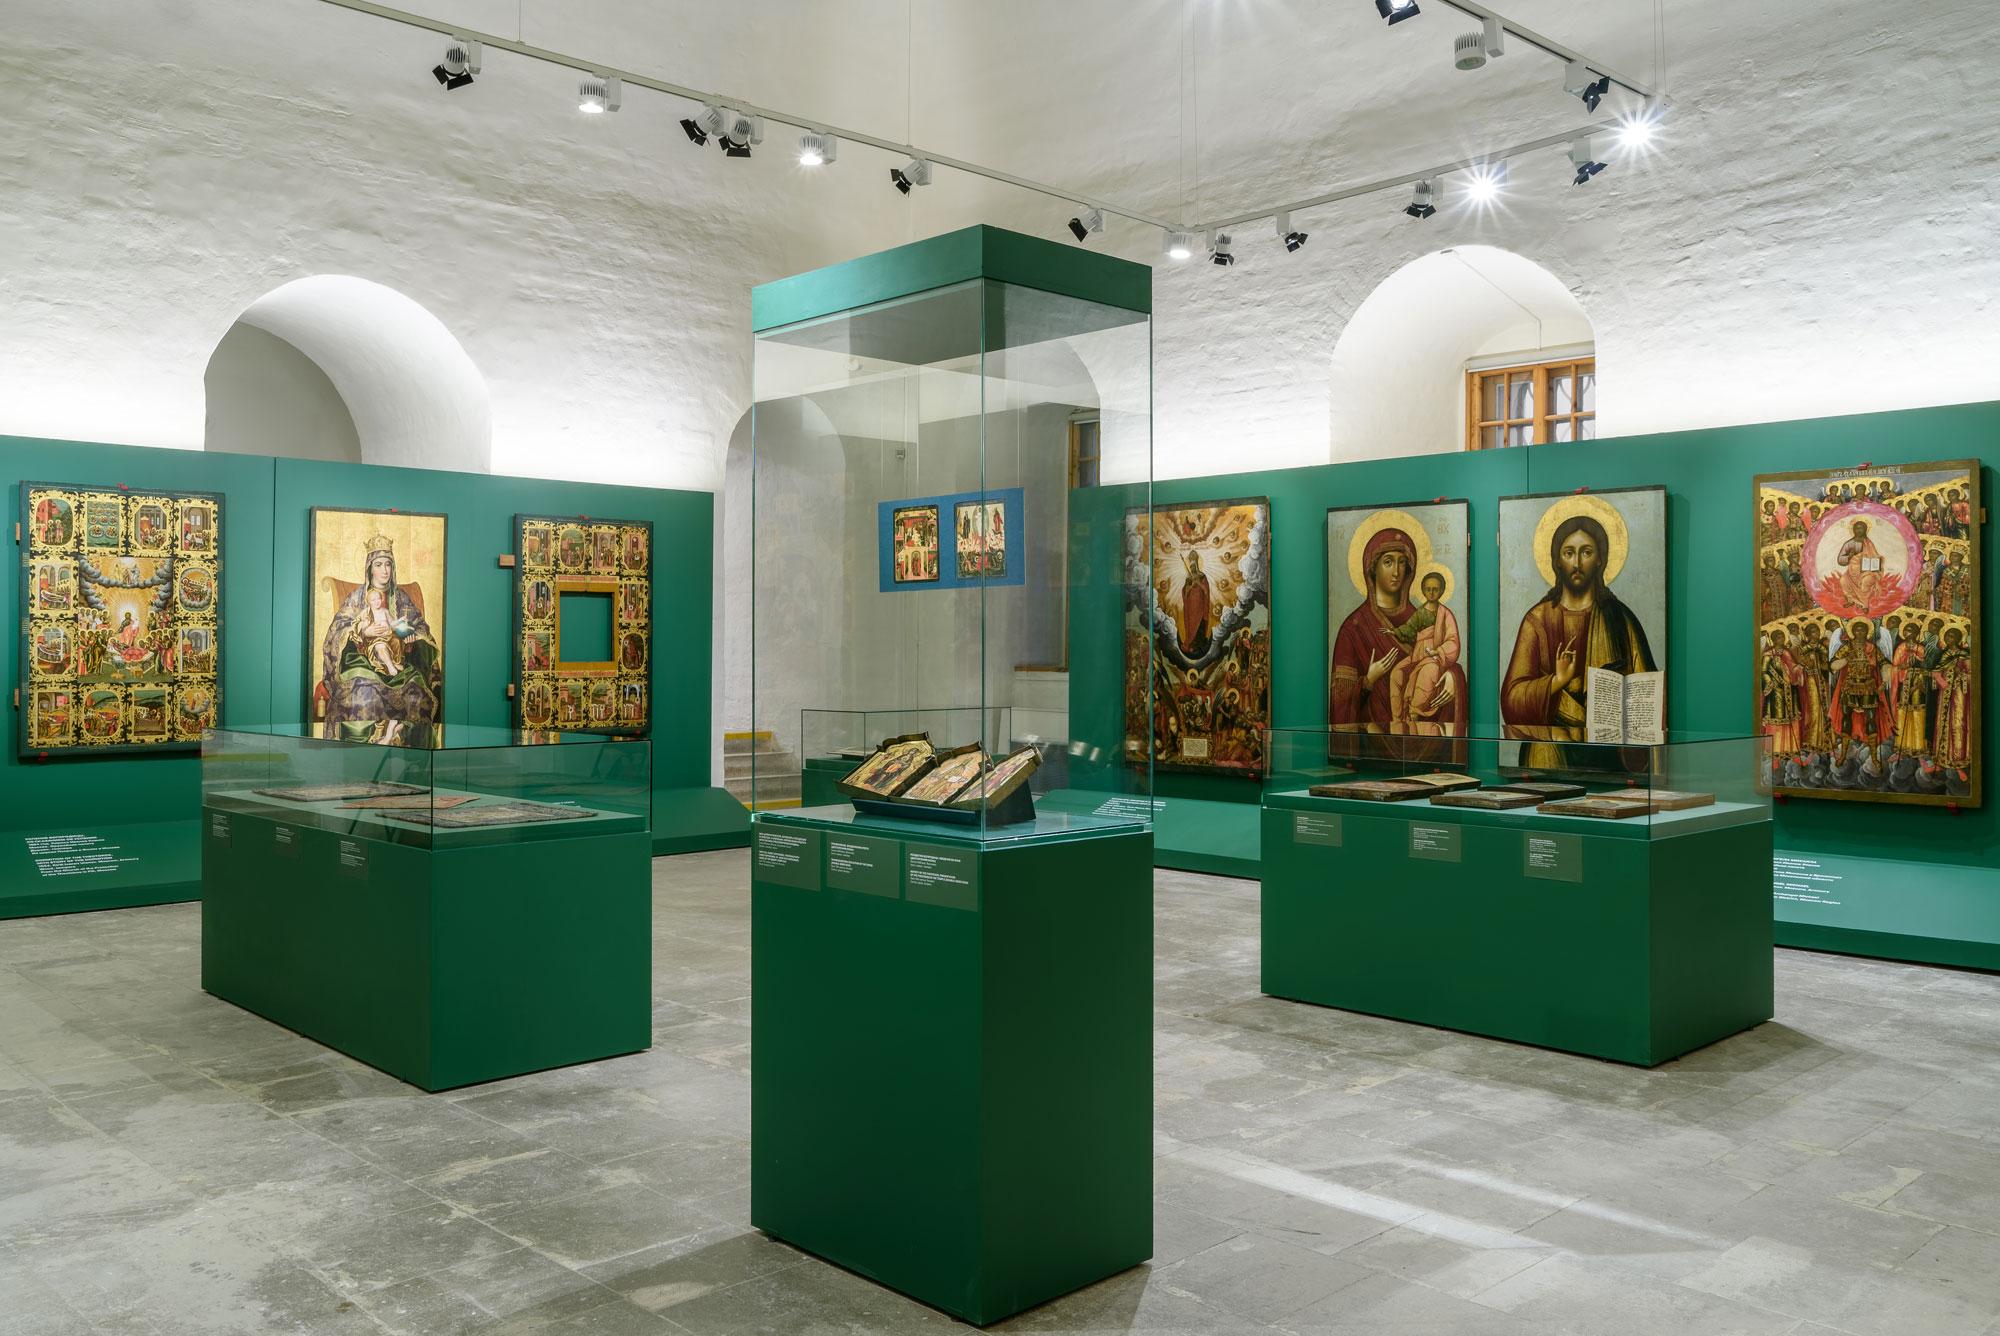 Ночь музеев в Музее  имени Андрея Рублева – события на сайте «Московские Сезоны»